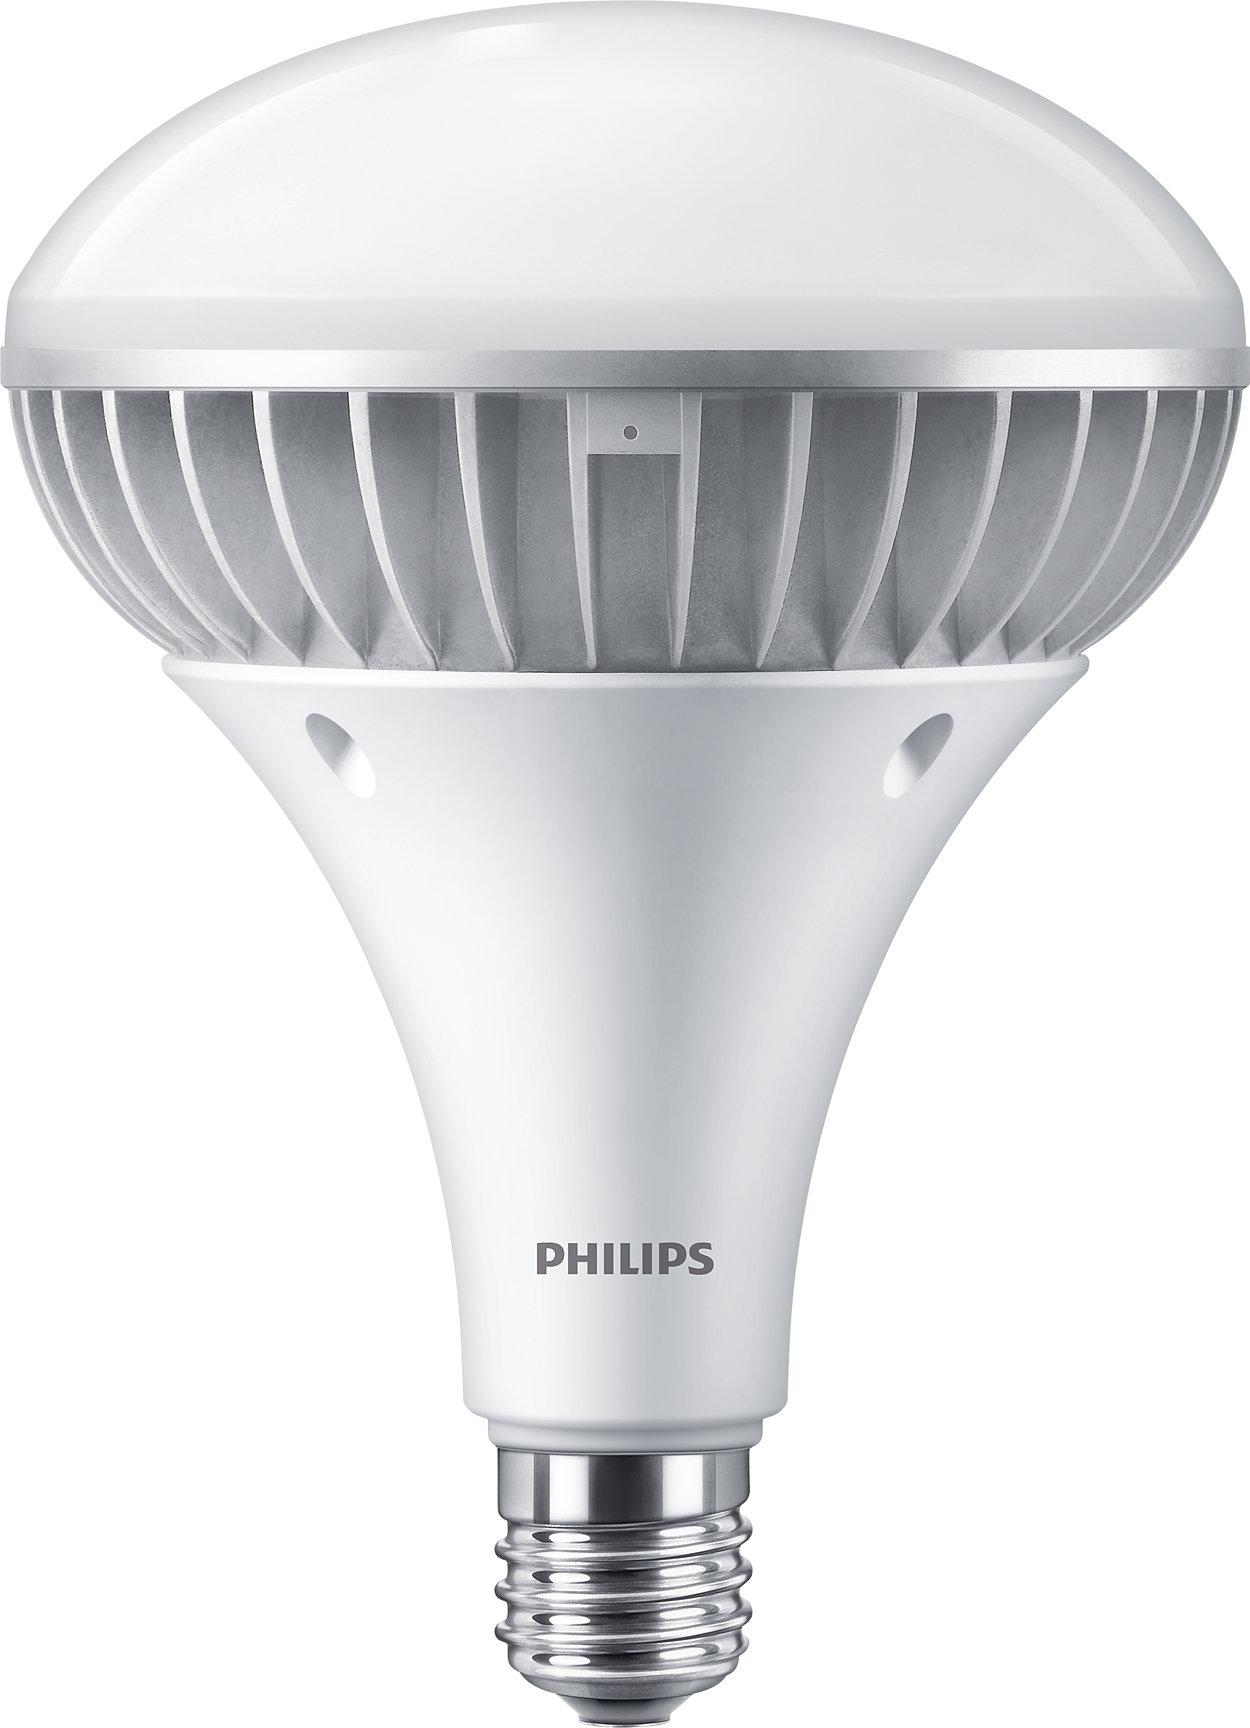 Ideal para reemplazo LED HPI/SON/HPL en aplicaciones a gran altura